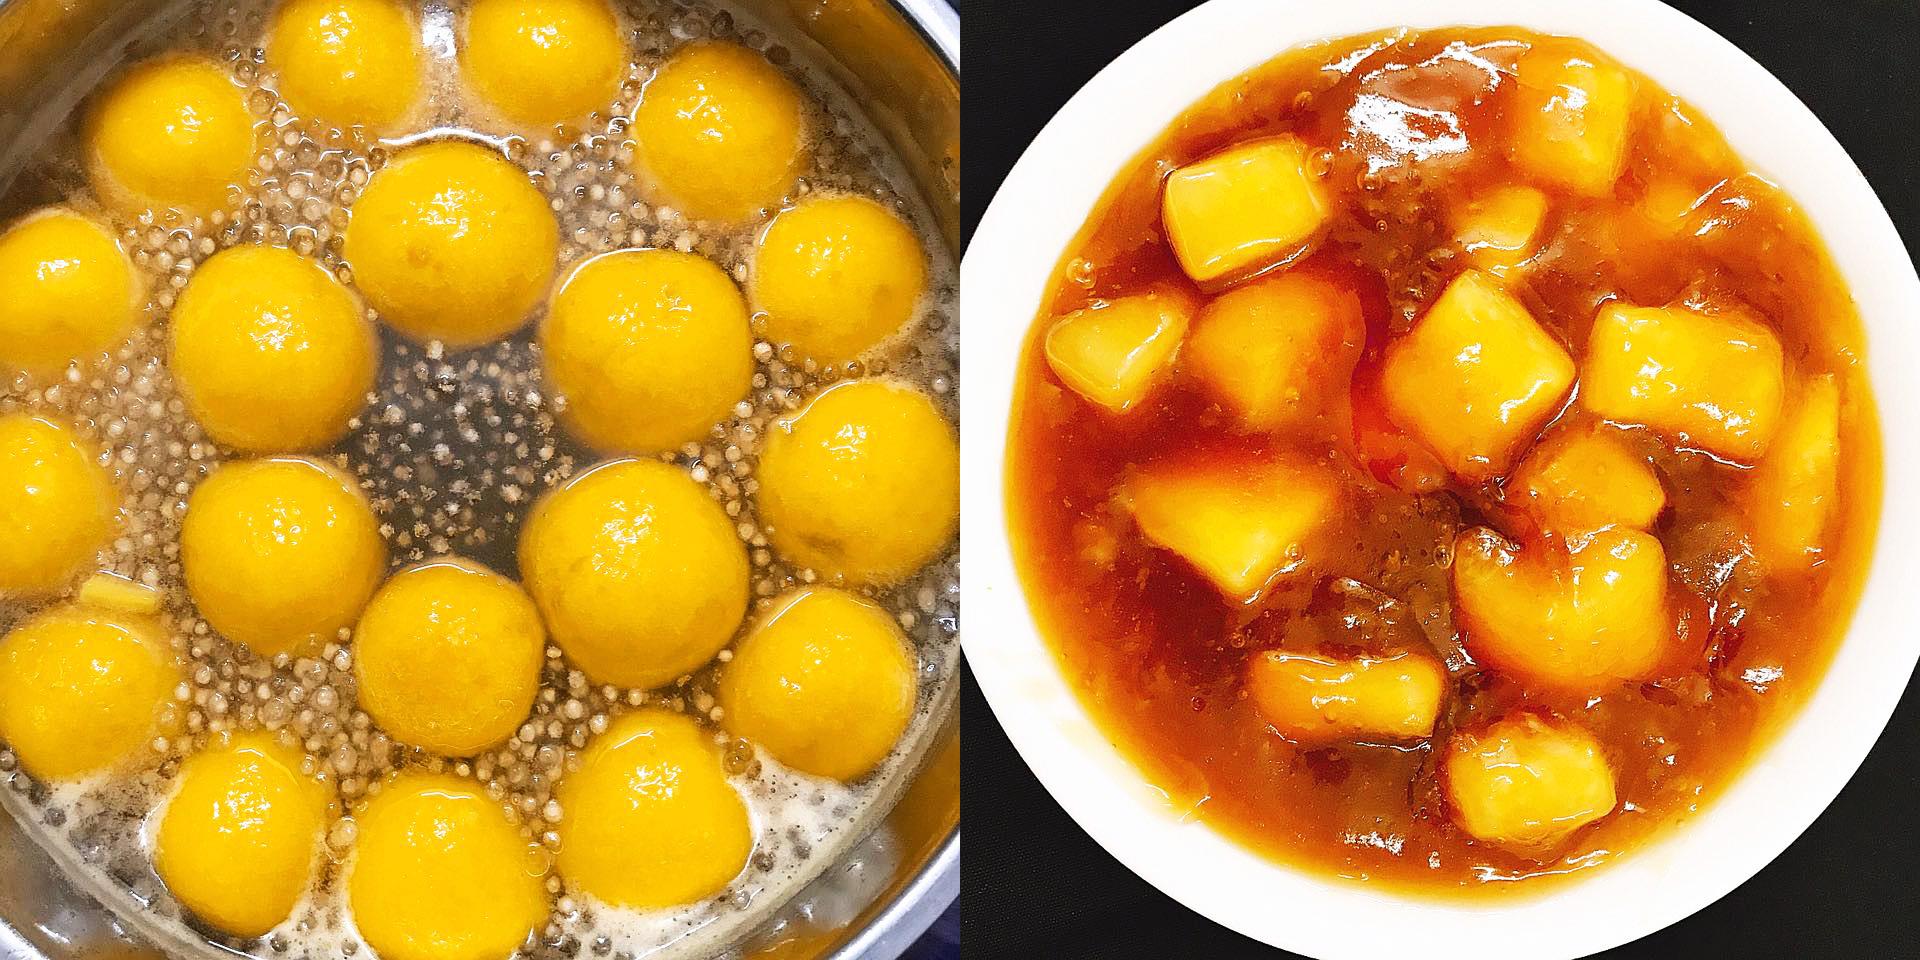 Công thức nấu 2 món chè ngon, thơm lừng, ấm nóng cho mùa đông